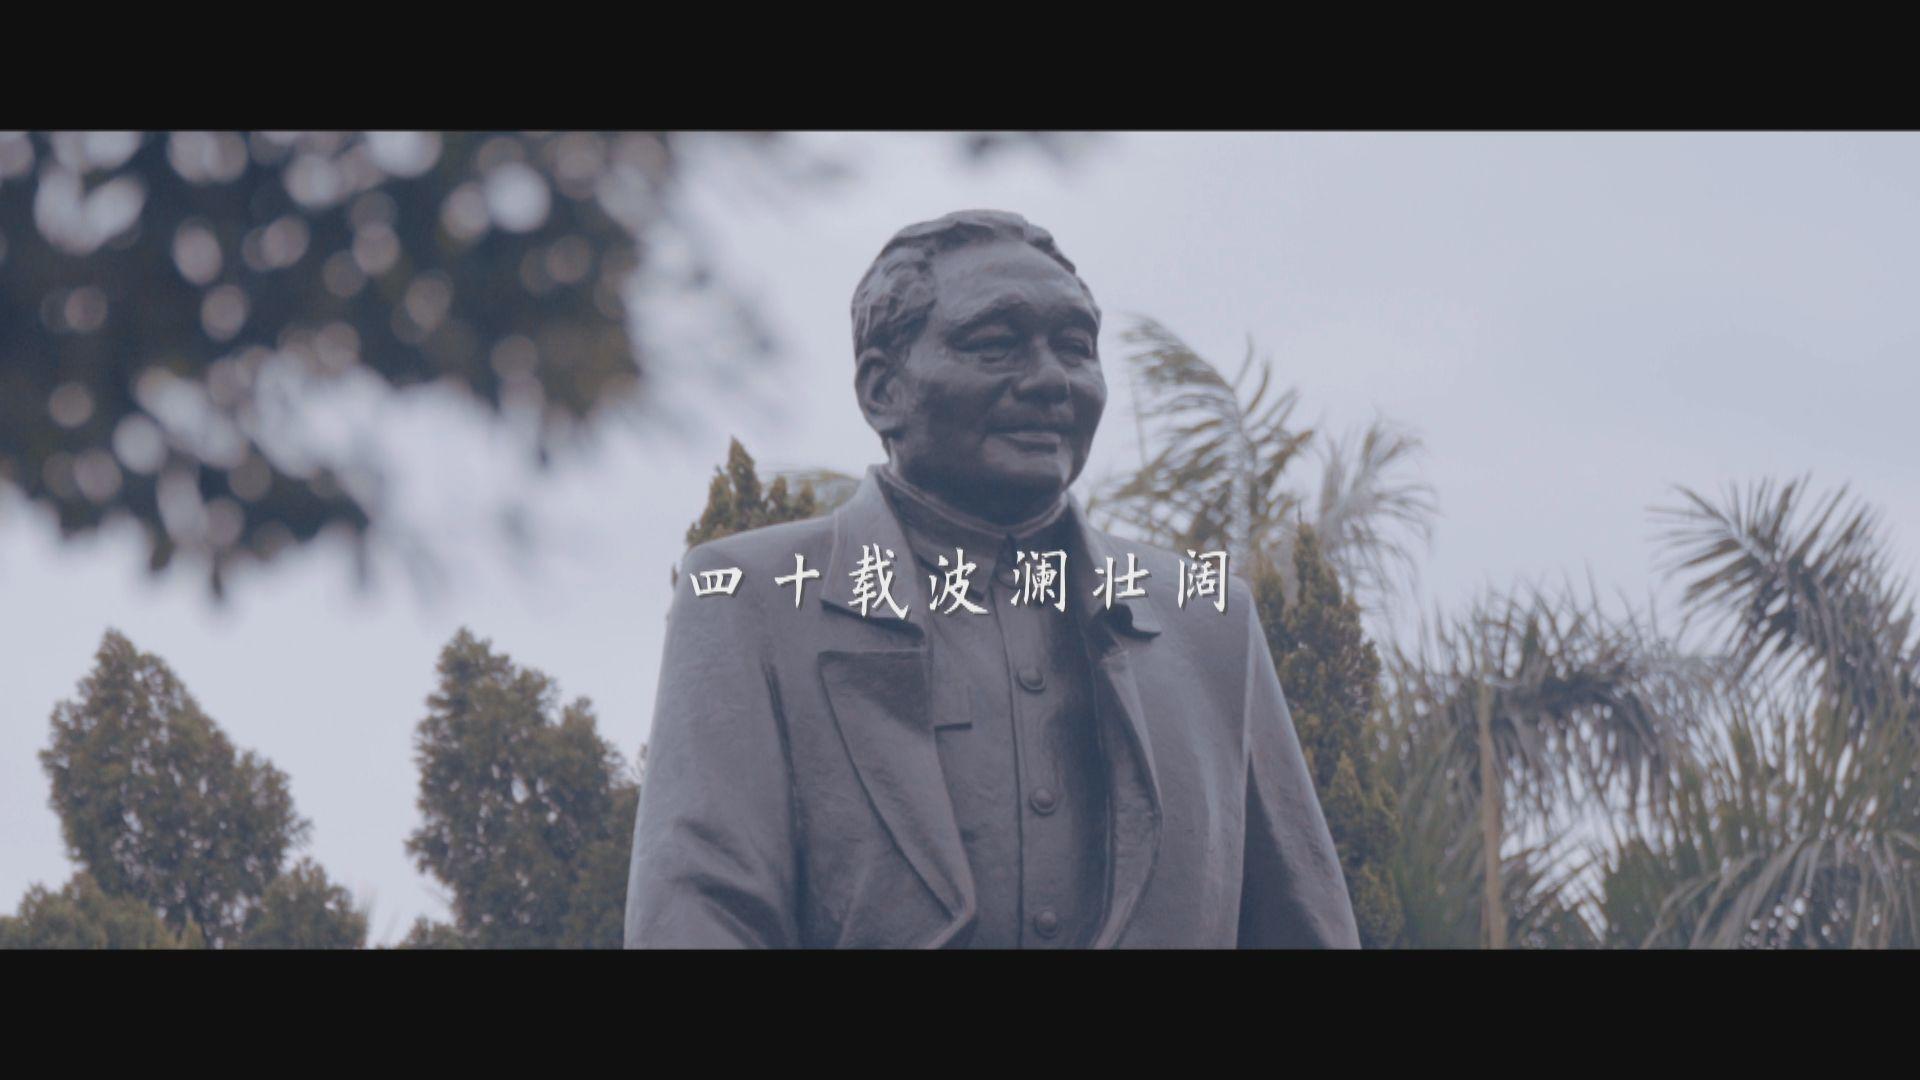 时政微纪录丨深圳40年 致敬改革者图片